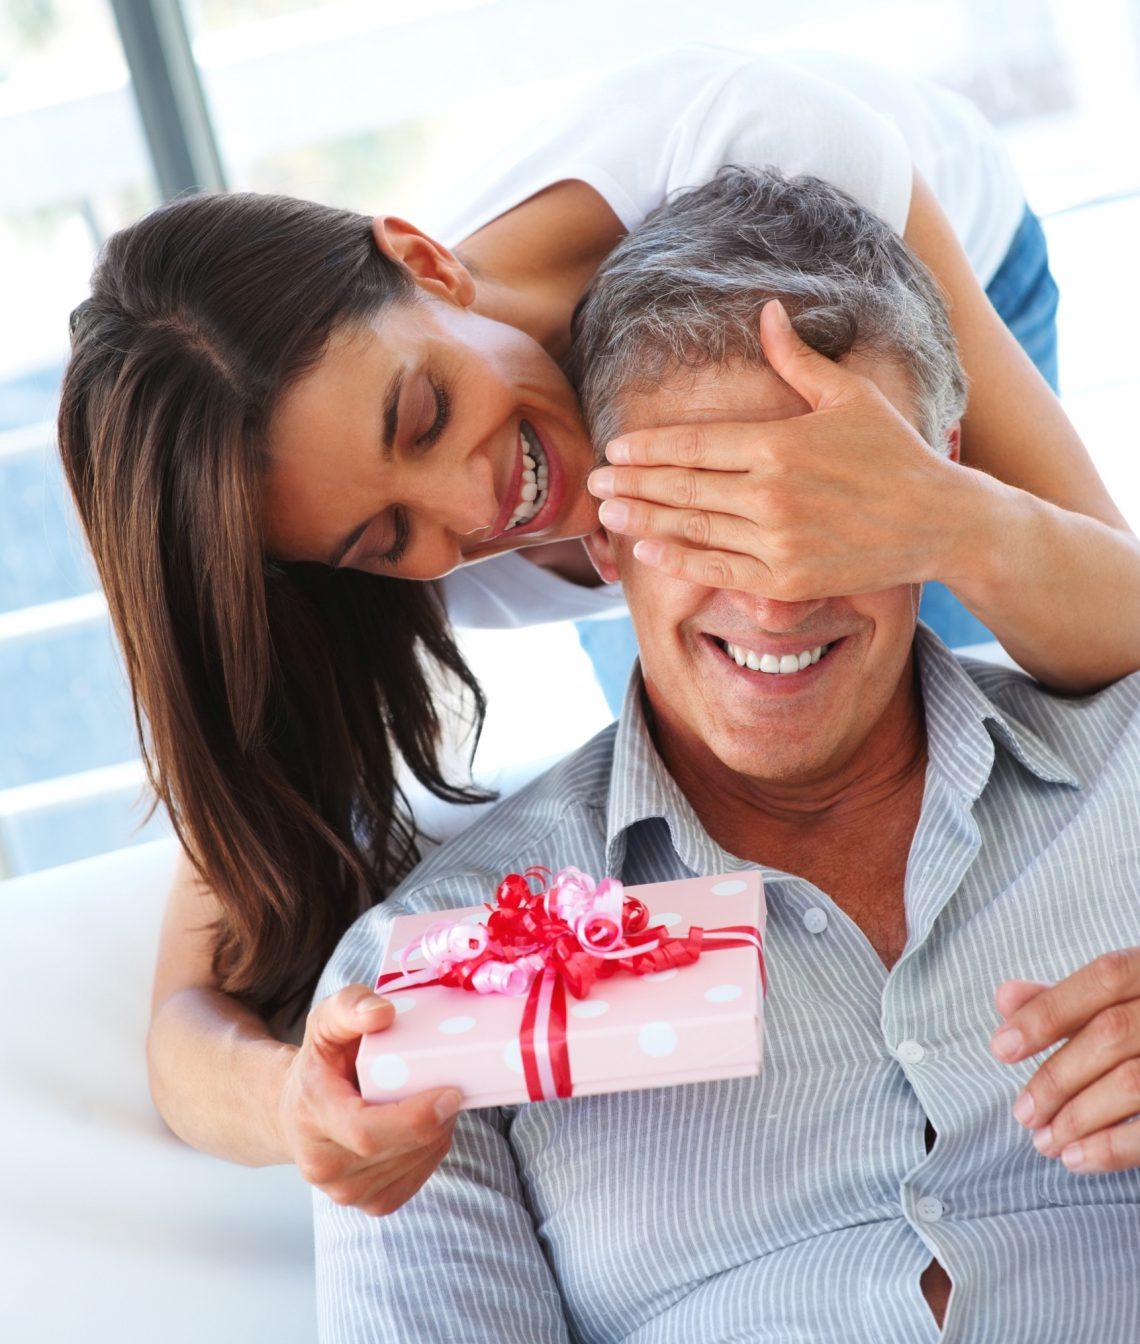 ведомость наркотические подарок супруге на день рождения с фото однотонной крошечной